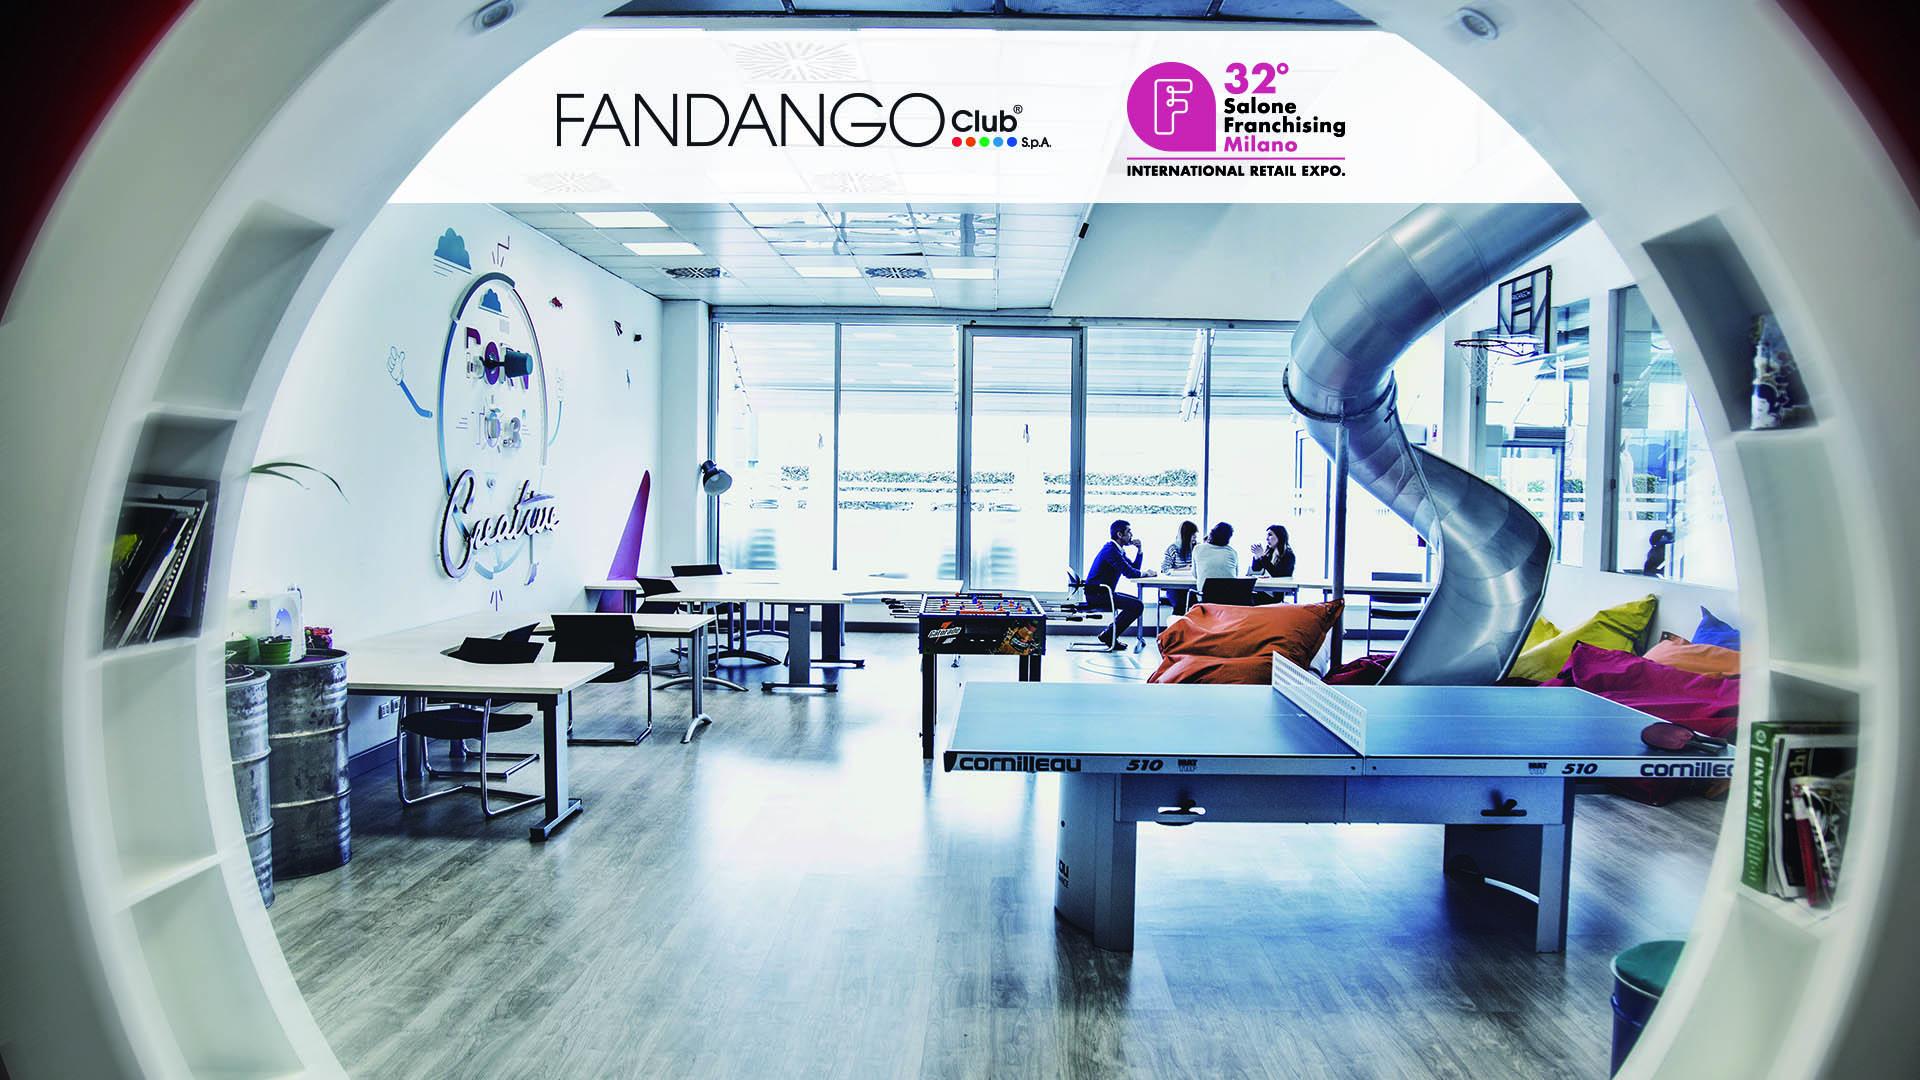 RDS - FANDANGO CLUB